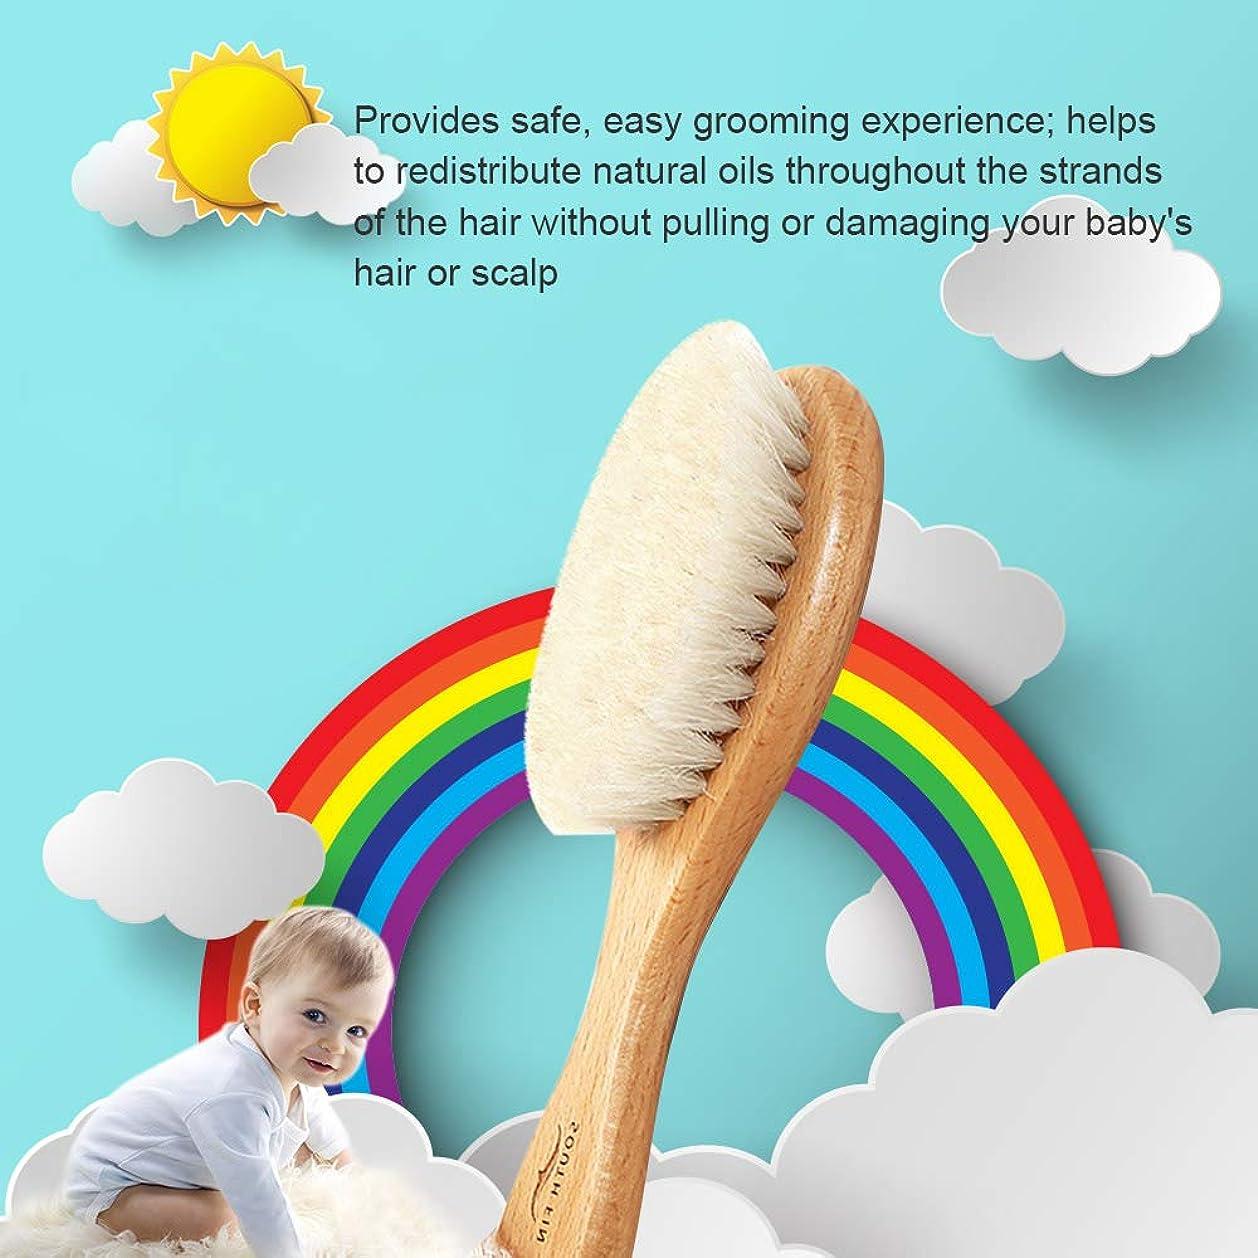 アラートお尻計器Decdeal ヘアブラシ ベビー用 新生児 赤ちゃん ブラシ 木製 頭皮 マッサージ